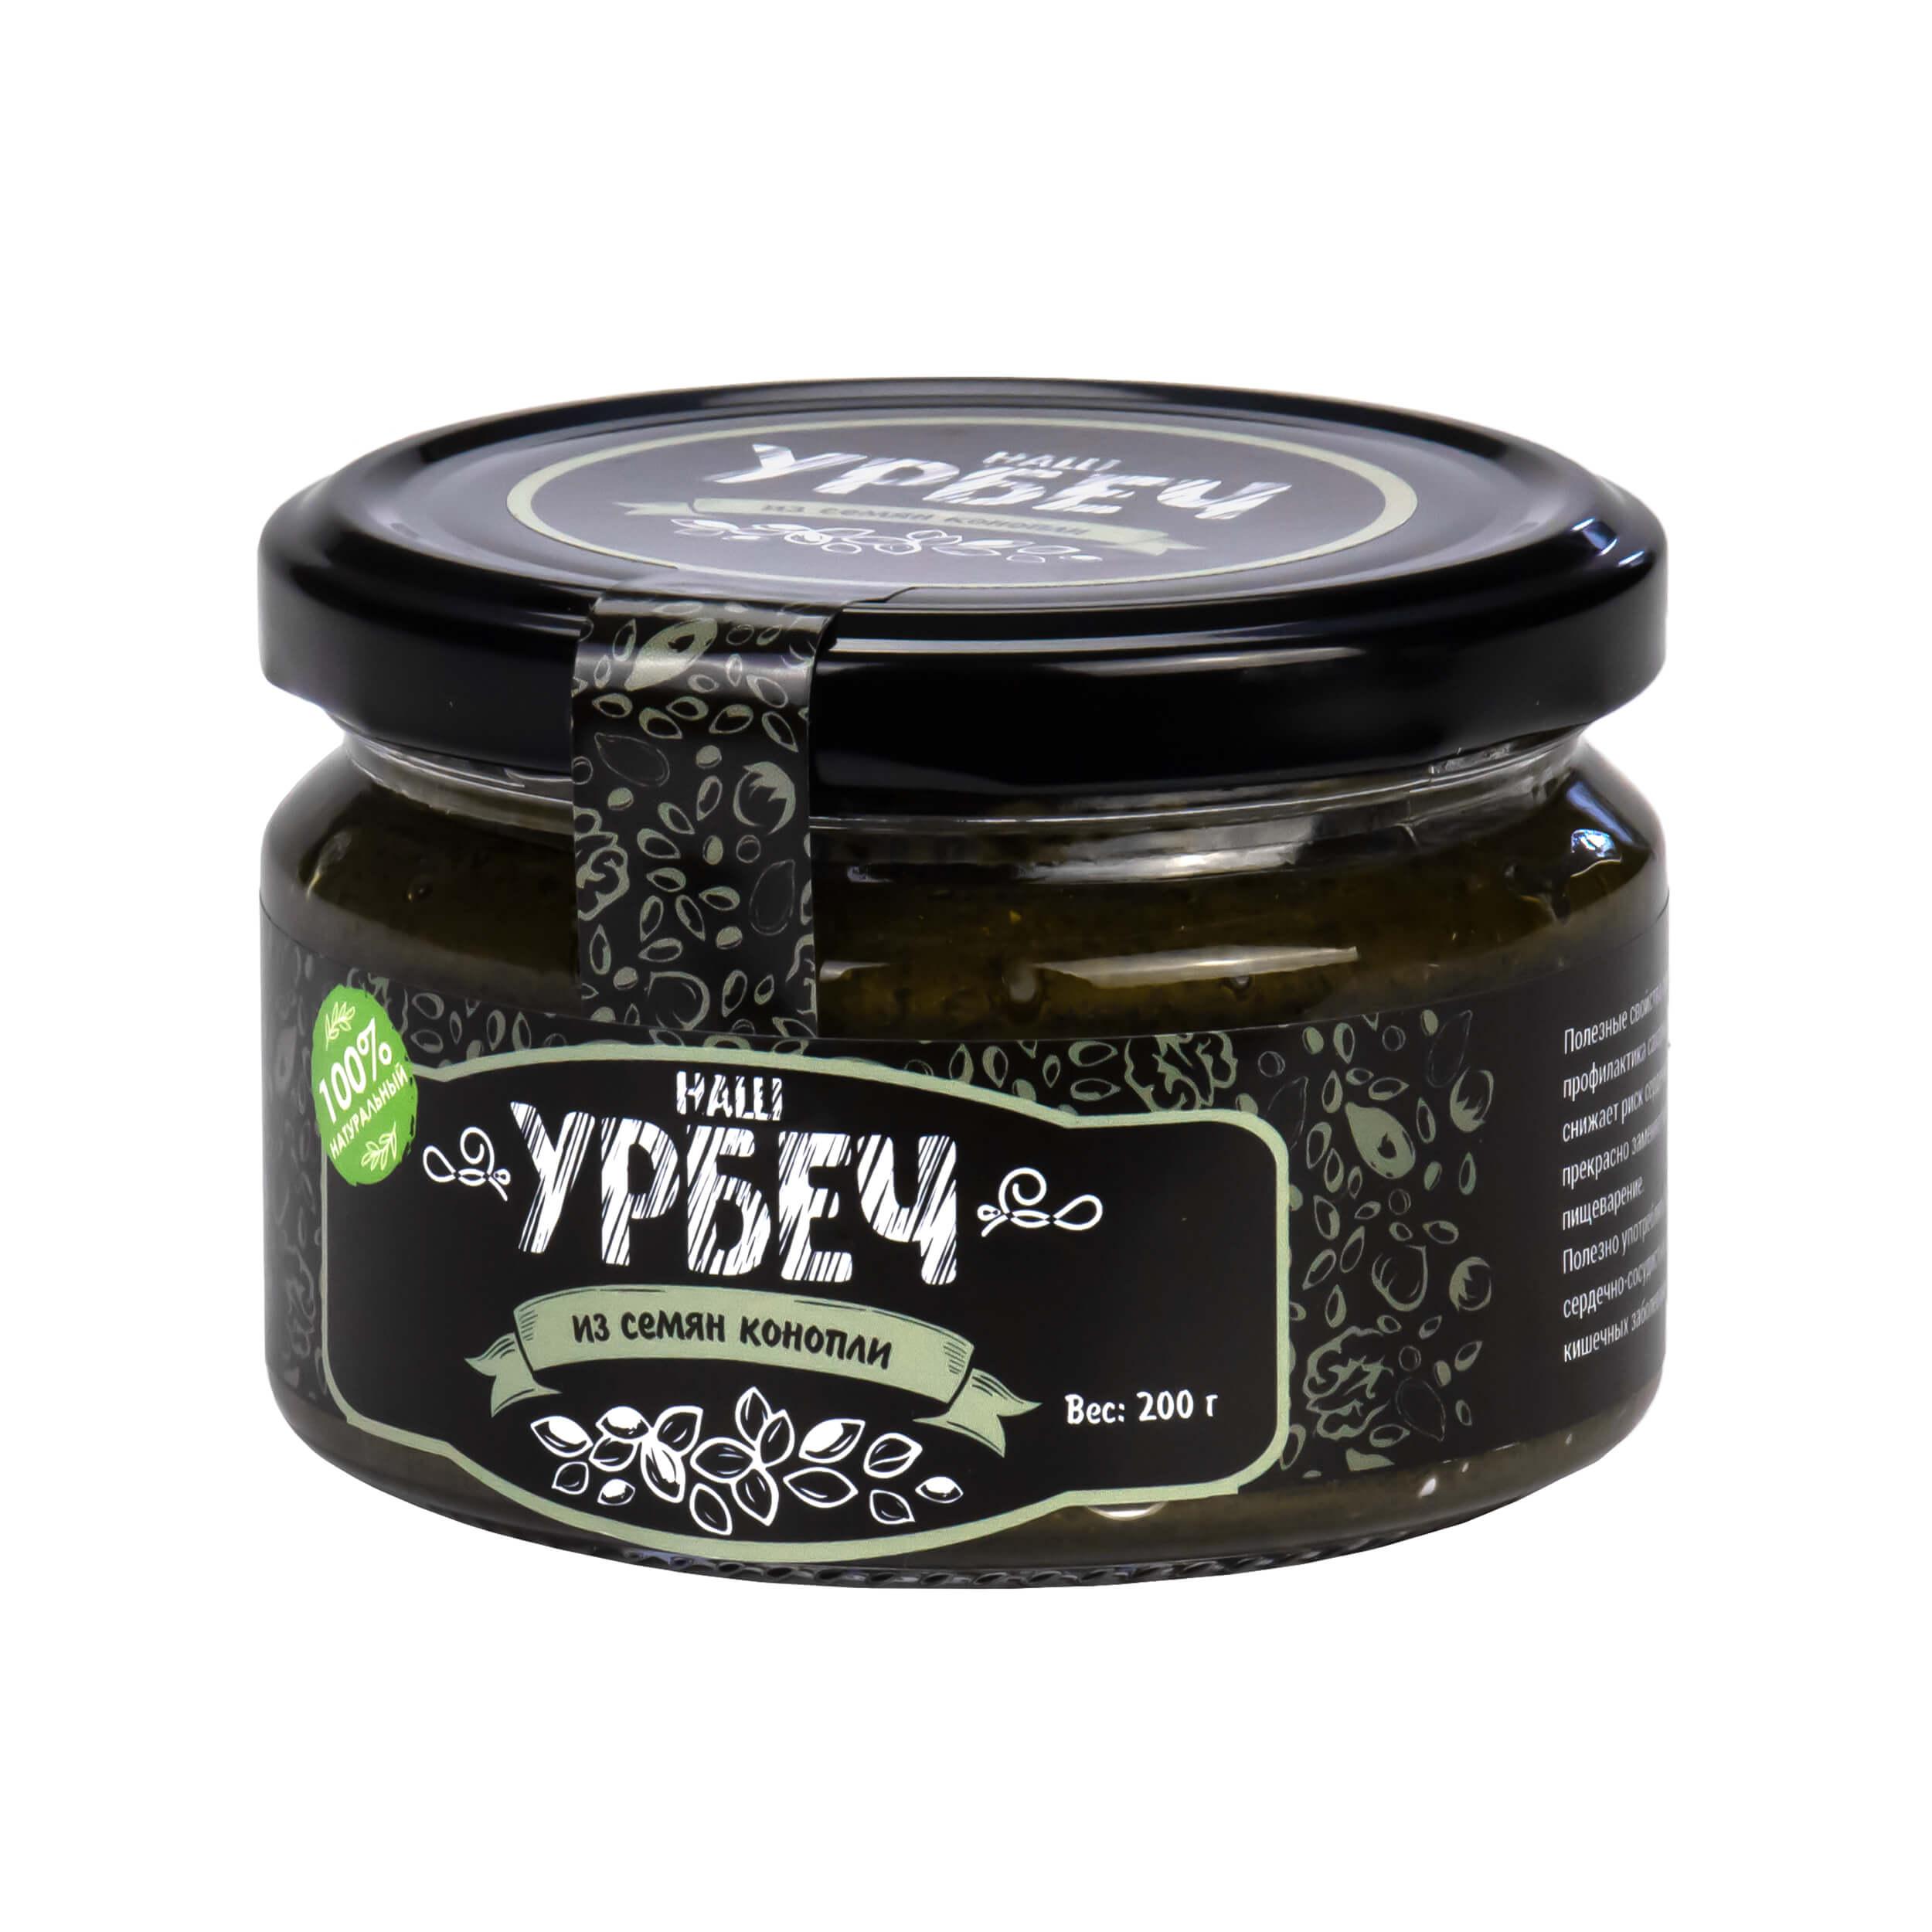 Урбеч из семян конопли (200 грамм) фото